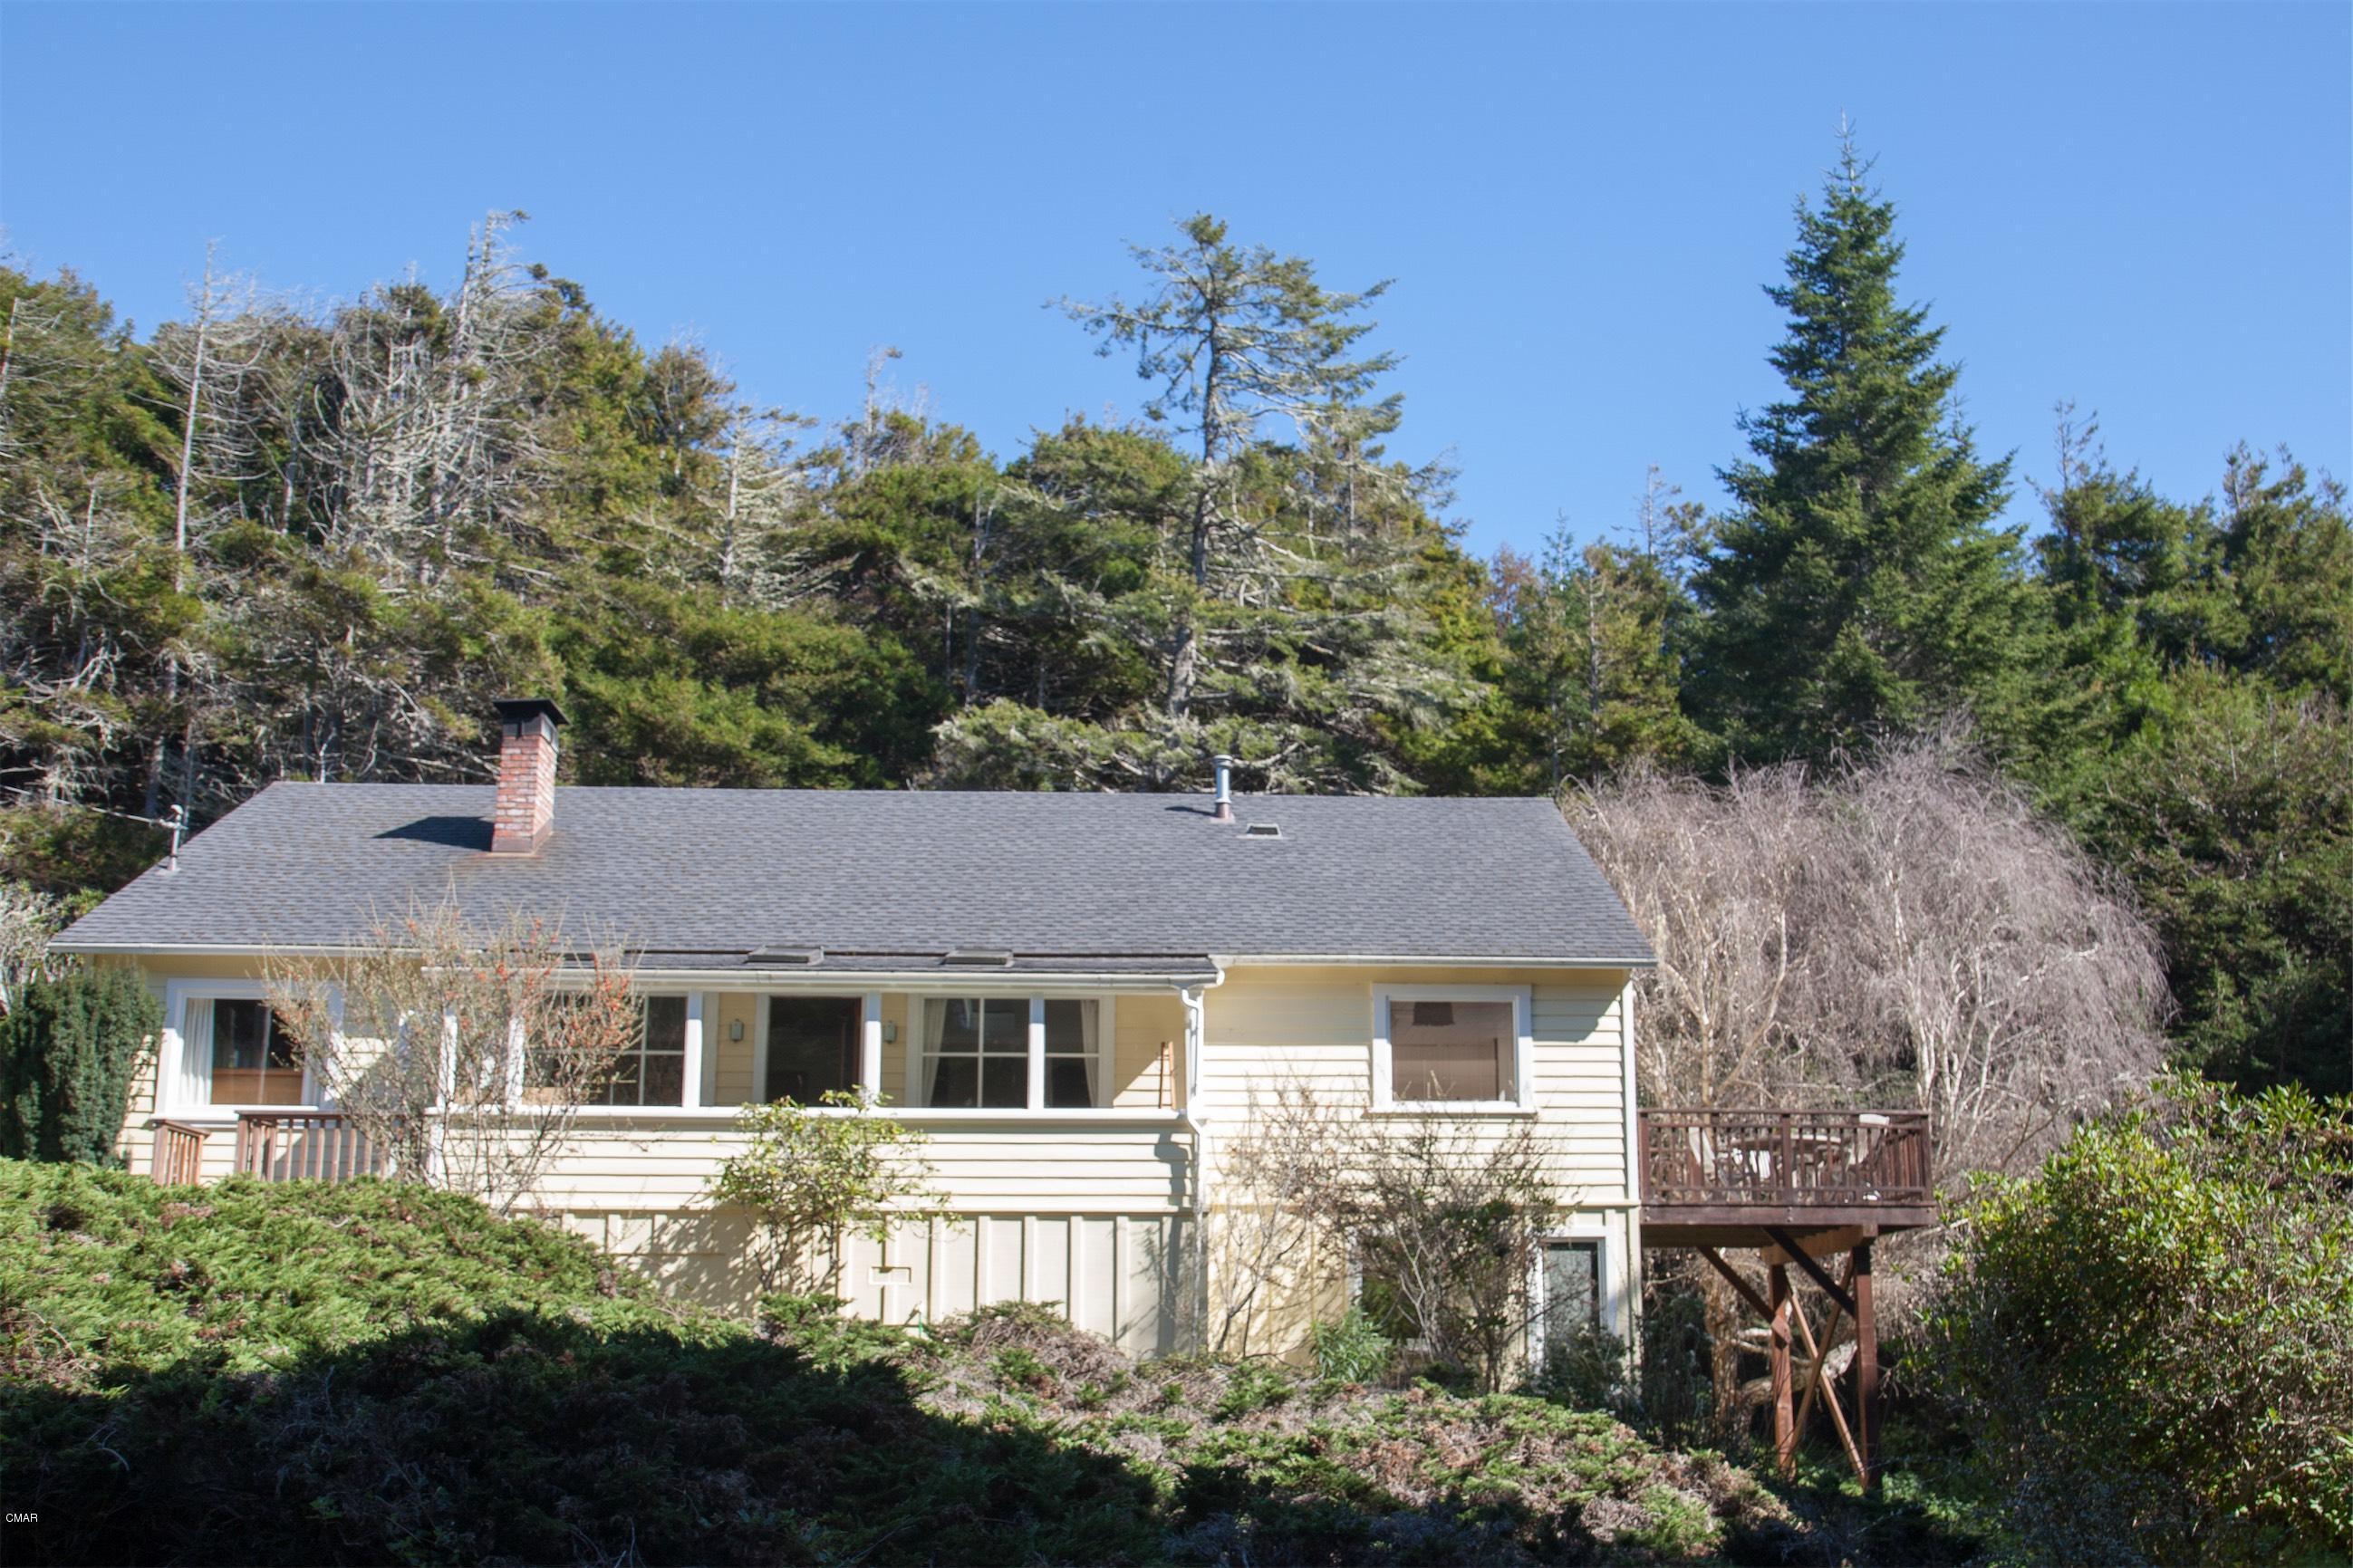 独户住宅 为 销售 在 44561 Gordon Lane 44561 Gordon Lane Mendocino, 加利福尼亚州 95460 美国